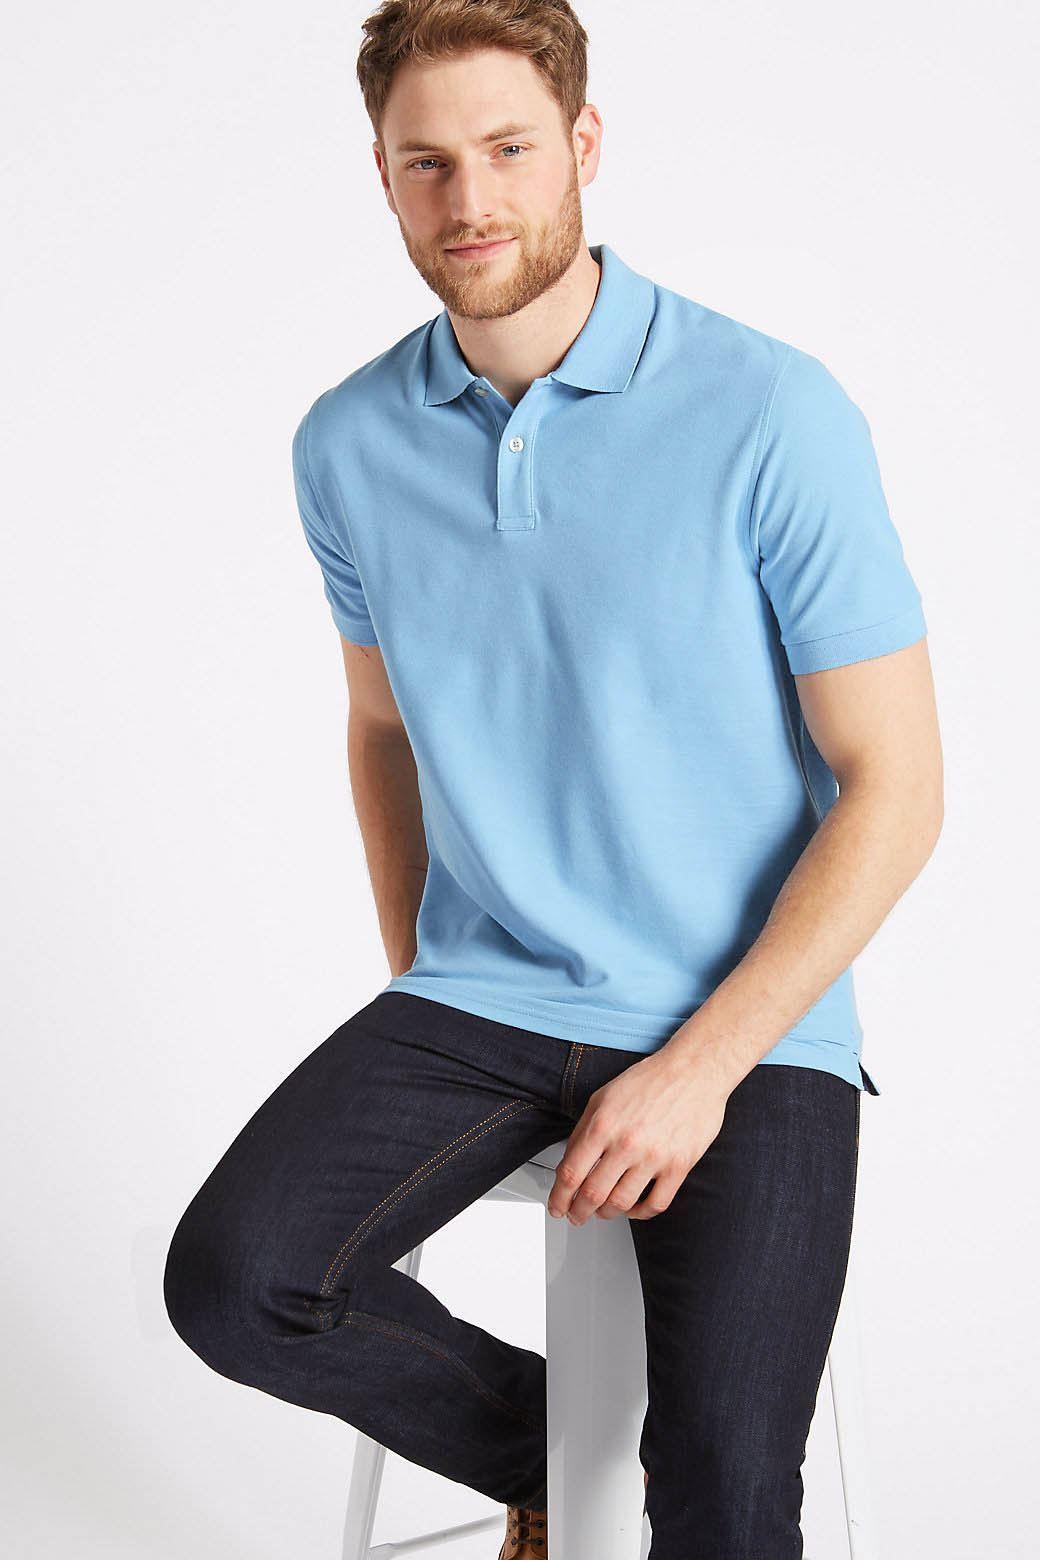 Marks-amp-Spencer-Camisa-Polo-Para-Hombre-Algodon-Clasico-M-amp-S-todos-los-colores-y-tamanos-de miniatura 20